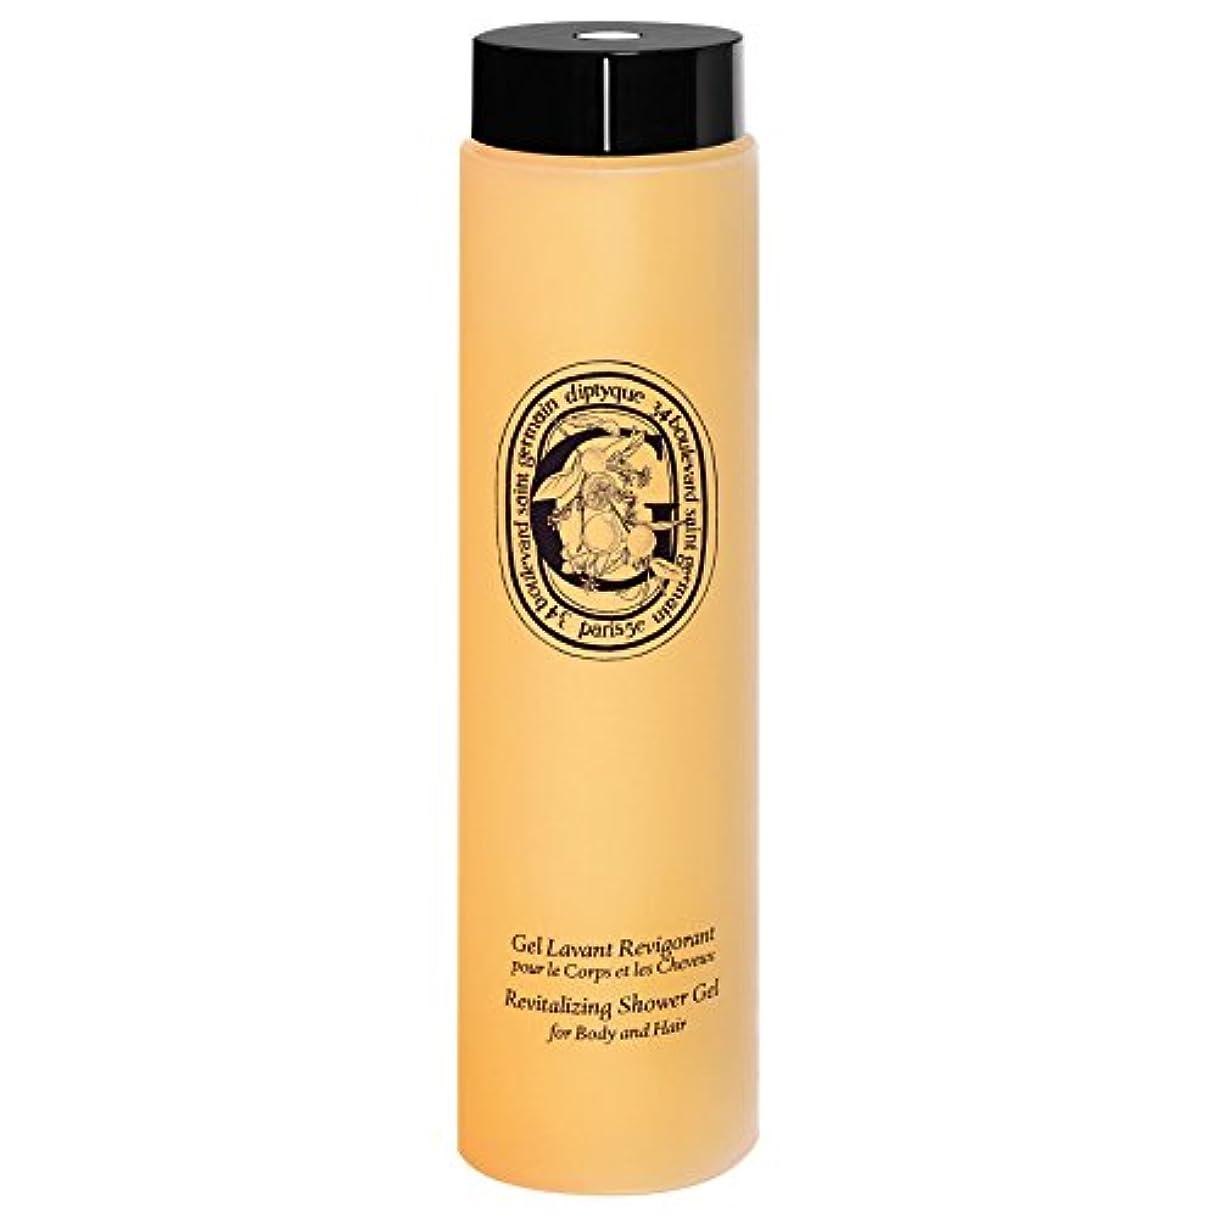 説得力のあるストレスの多いオーバーヘッド[Diptyque] ボディ、ヘア200ミリリットルのためDiptyqueのリバイタライジングシャワージェル - Diptyque Revitalising Shower Gel For Body And Hair 200ml...